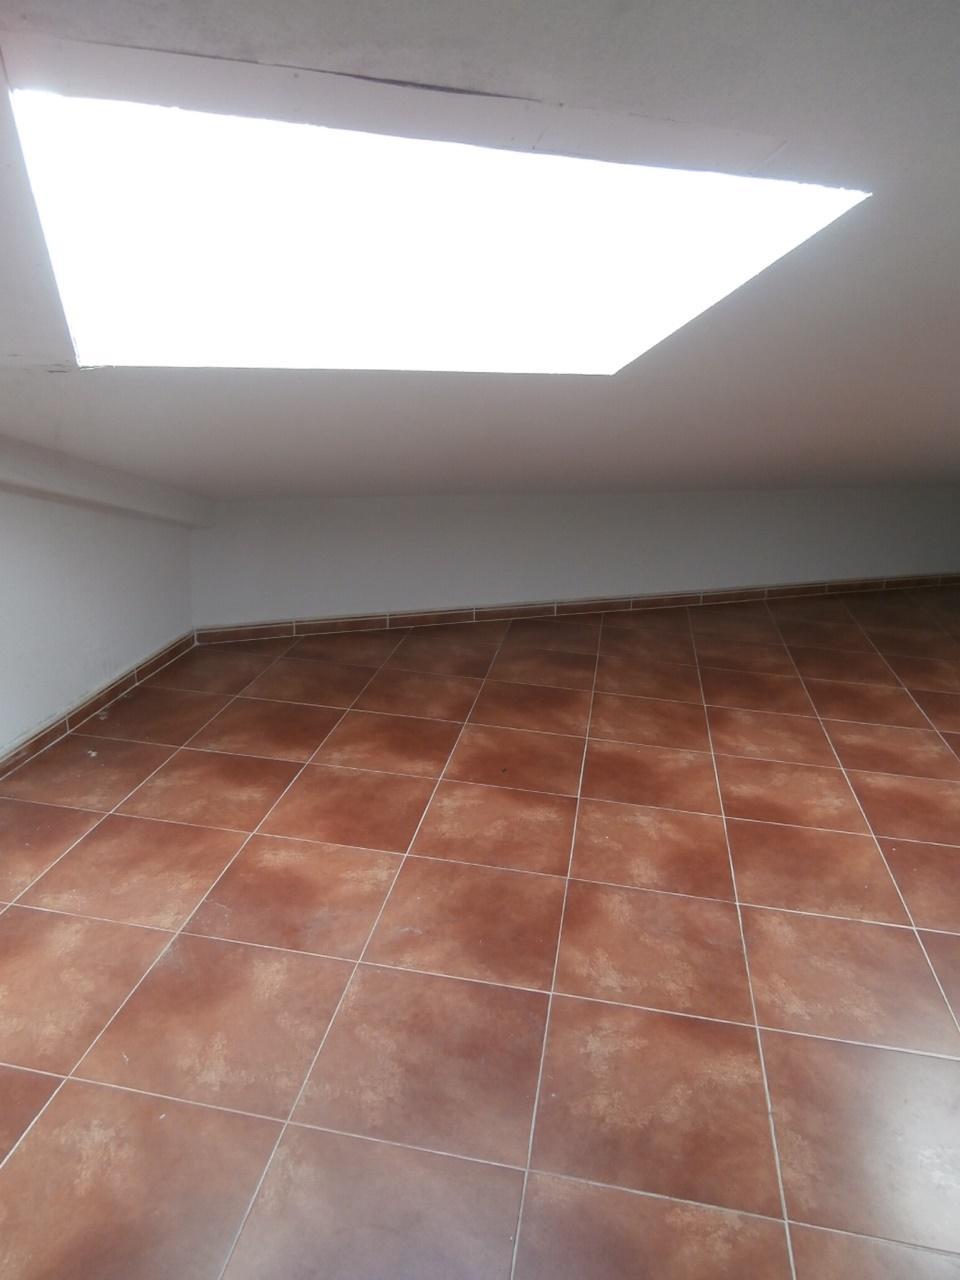 Piso en venta en Dehesa de Torres, Torres de la Alameda, Madrid, Calle Union, 159.900 €, 187 m2